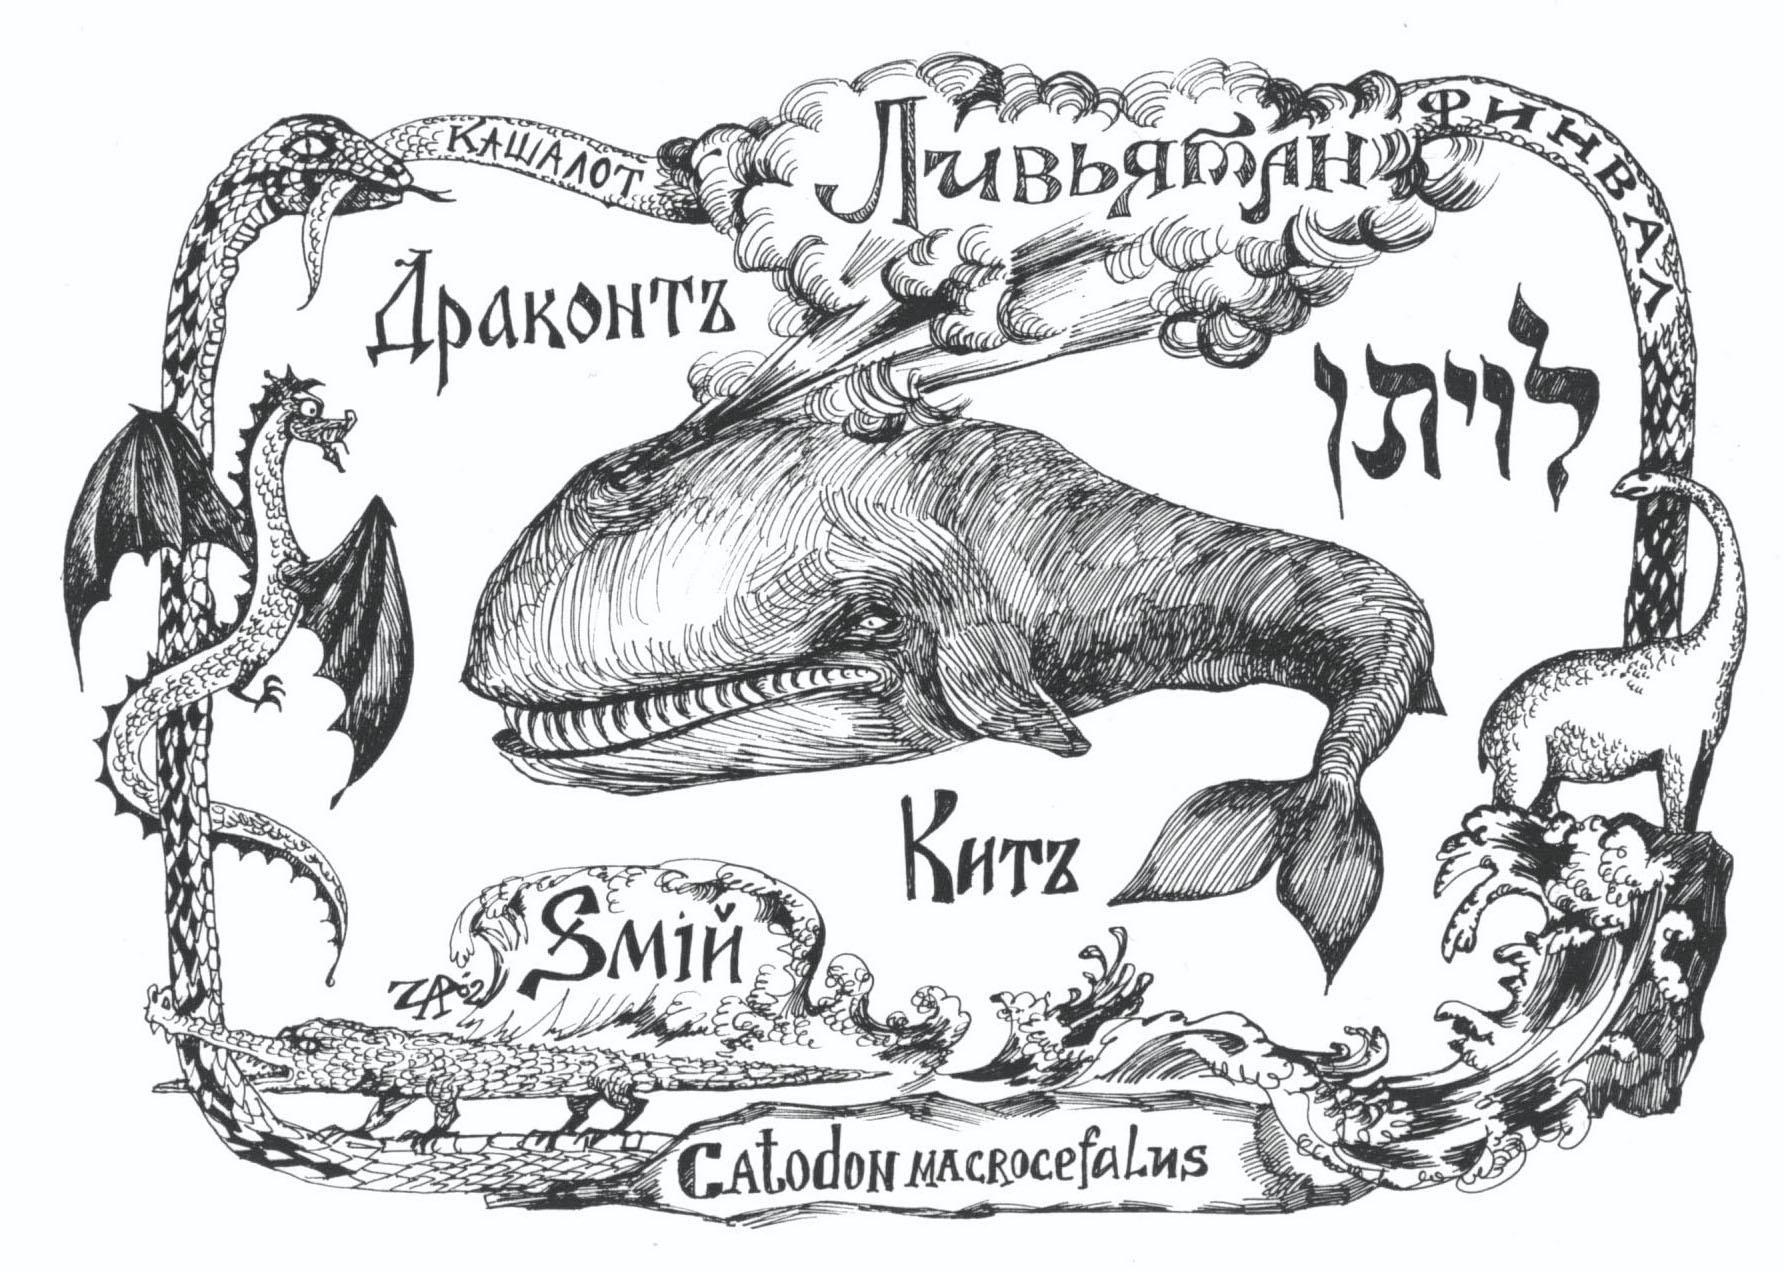 Ливйатан - кашалот или сельдяной кит. Рис. Иры Голуб